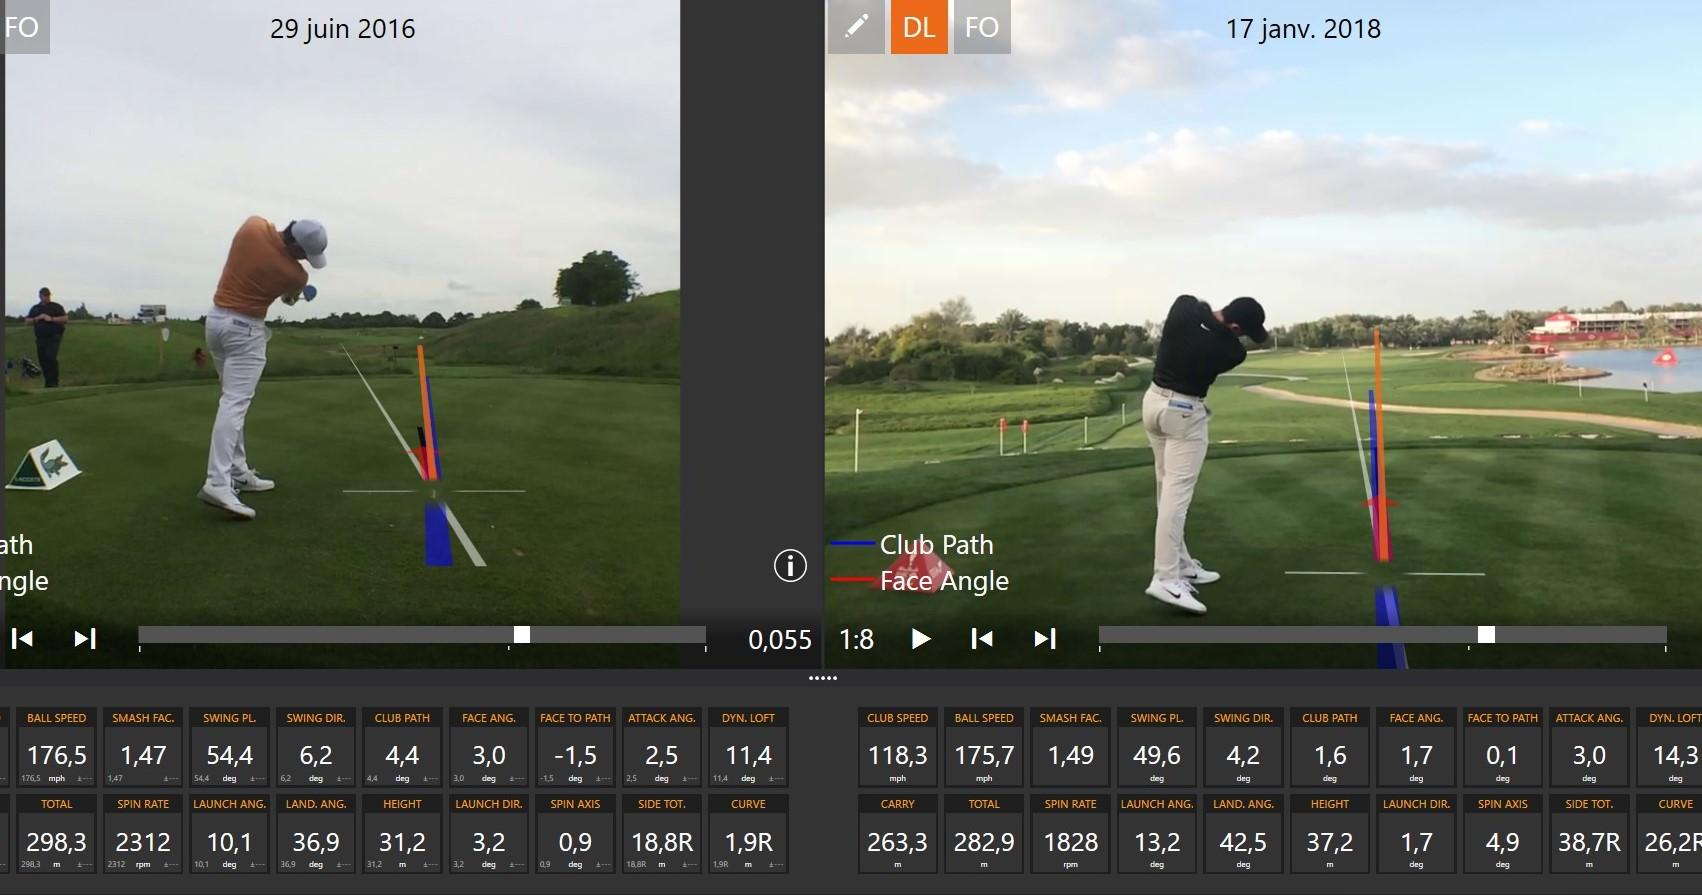 Entre ces deux drives, celui de gauche mesuré en 2016, et celui de droite mesuré en janvier 2018, on sait que Rory s'est fixé comme objectif de travailler sur l'augmentation de son angle de lancement.